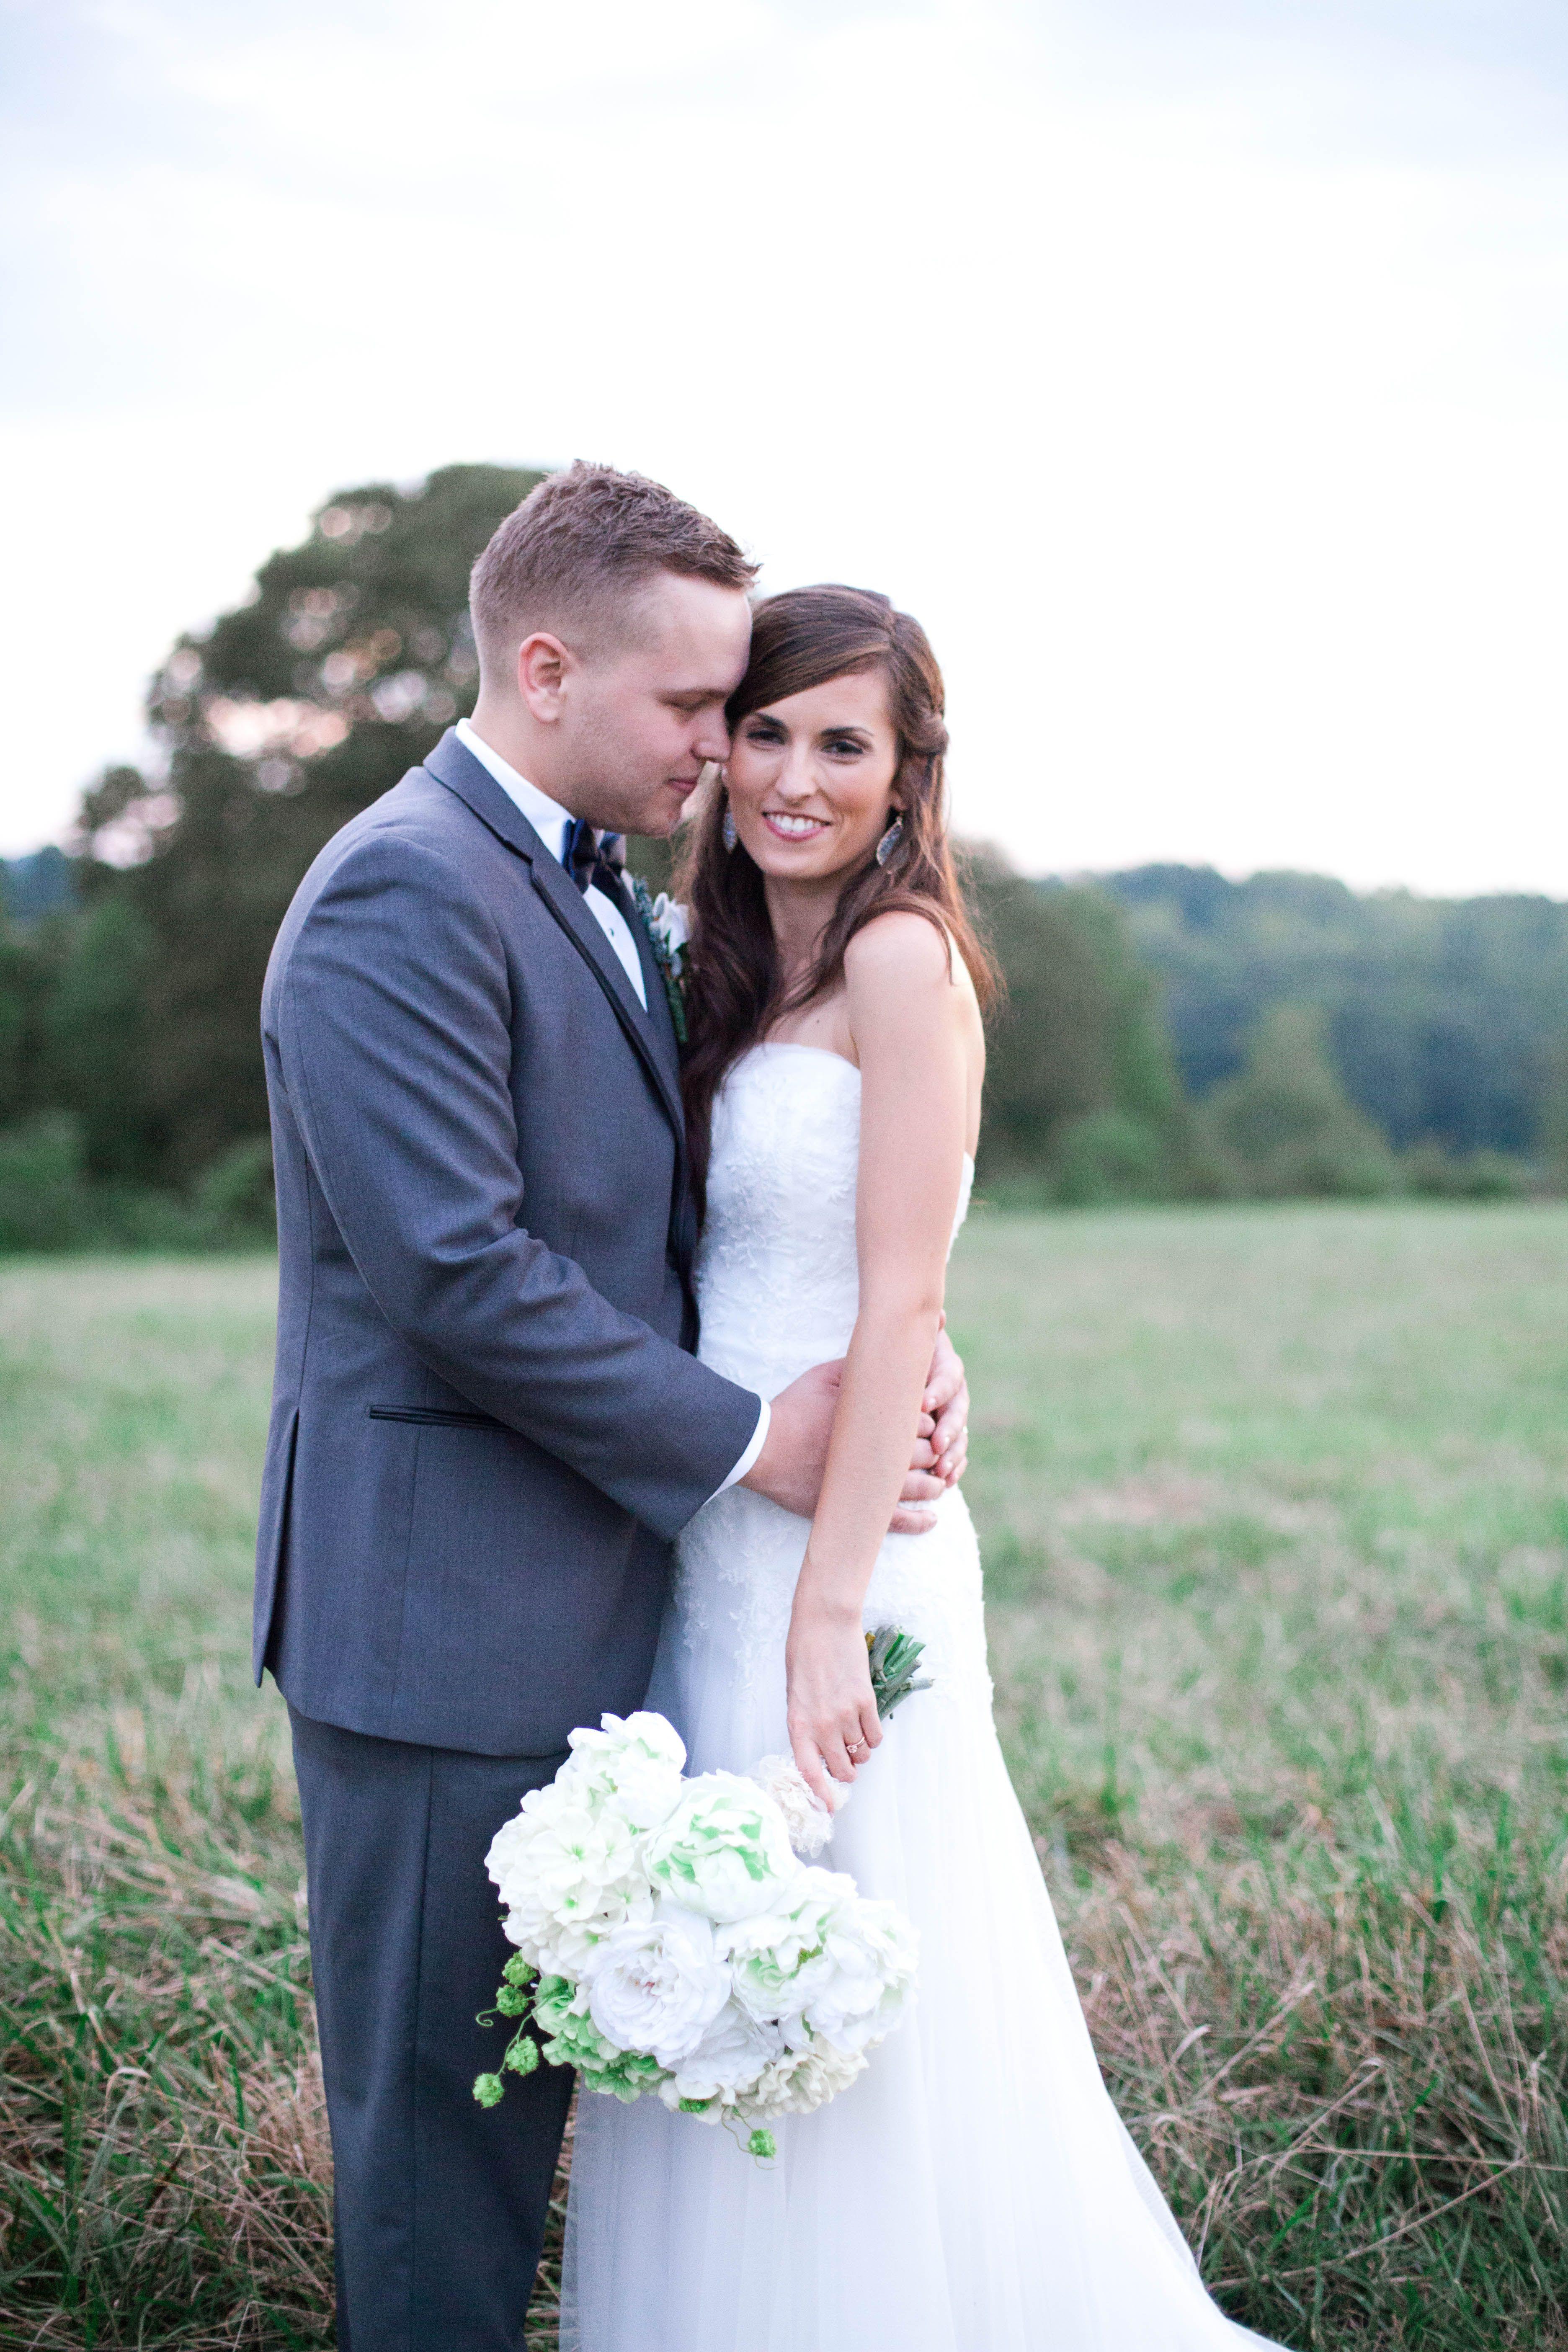 Vestidos de novia en greenville sc